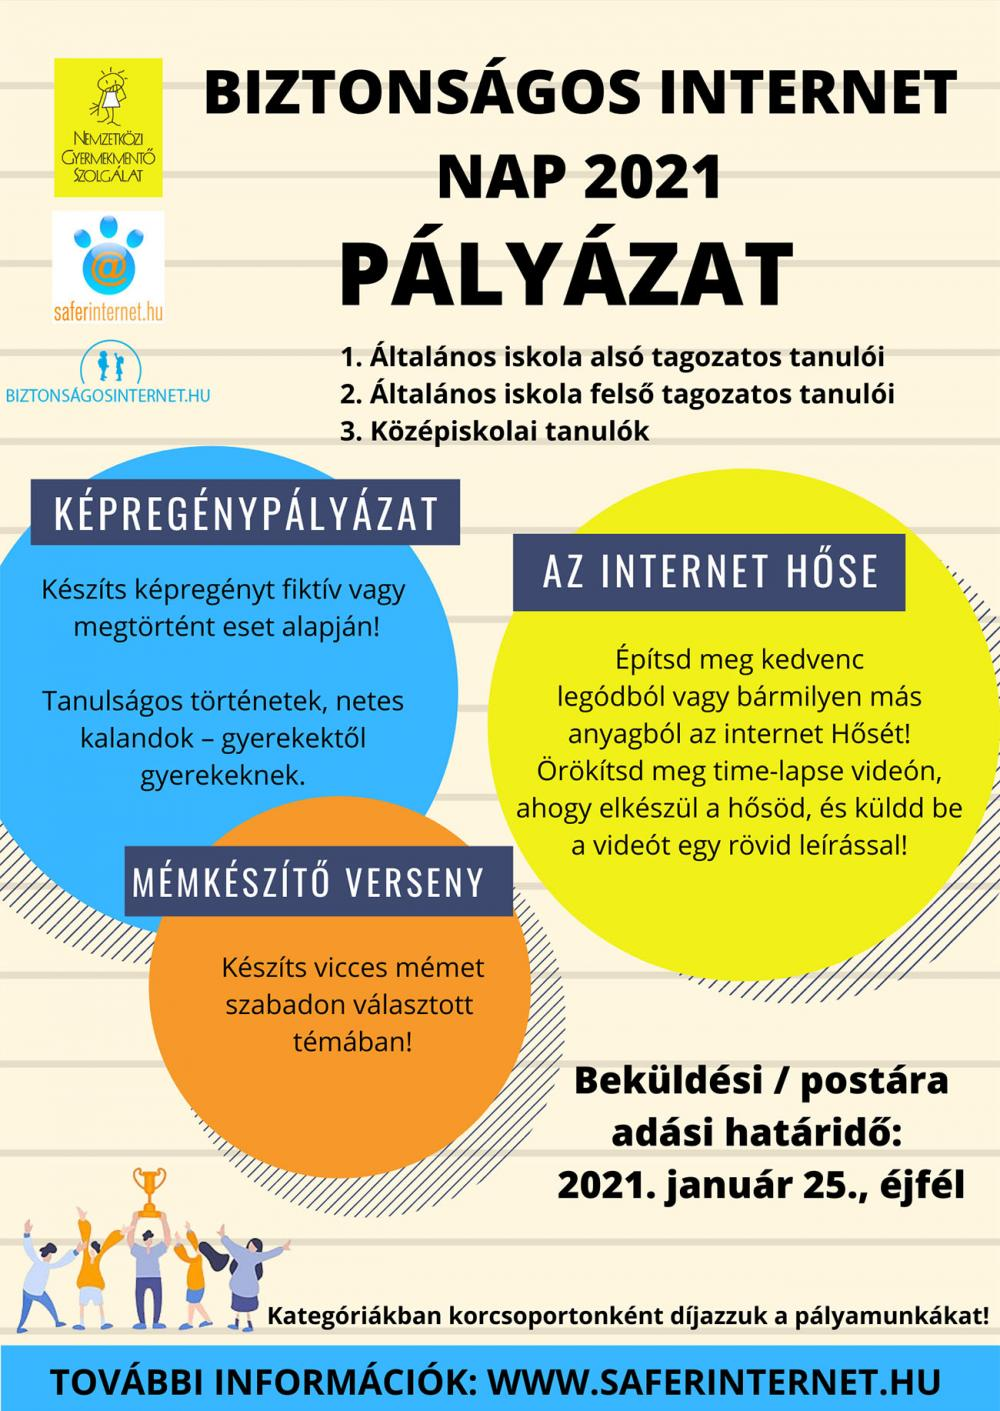 Biztonságos Internet Nap 2021 - pályázat